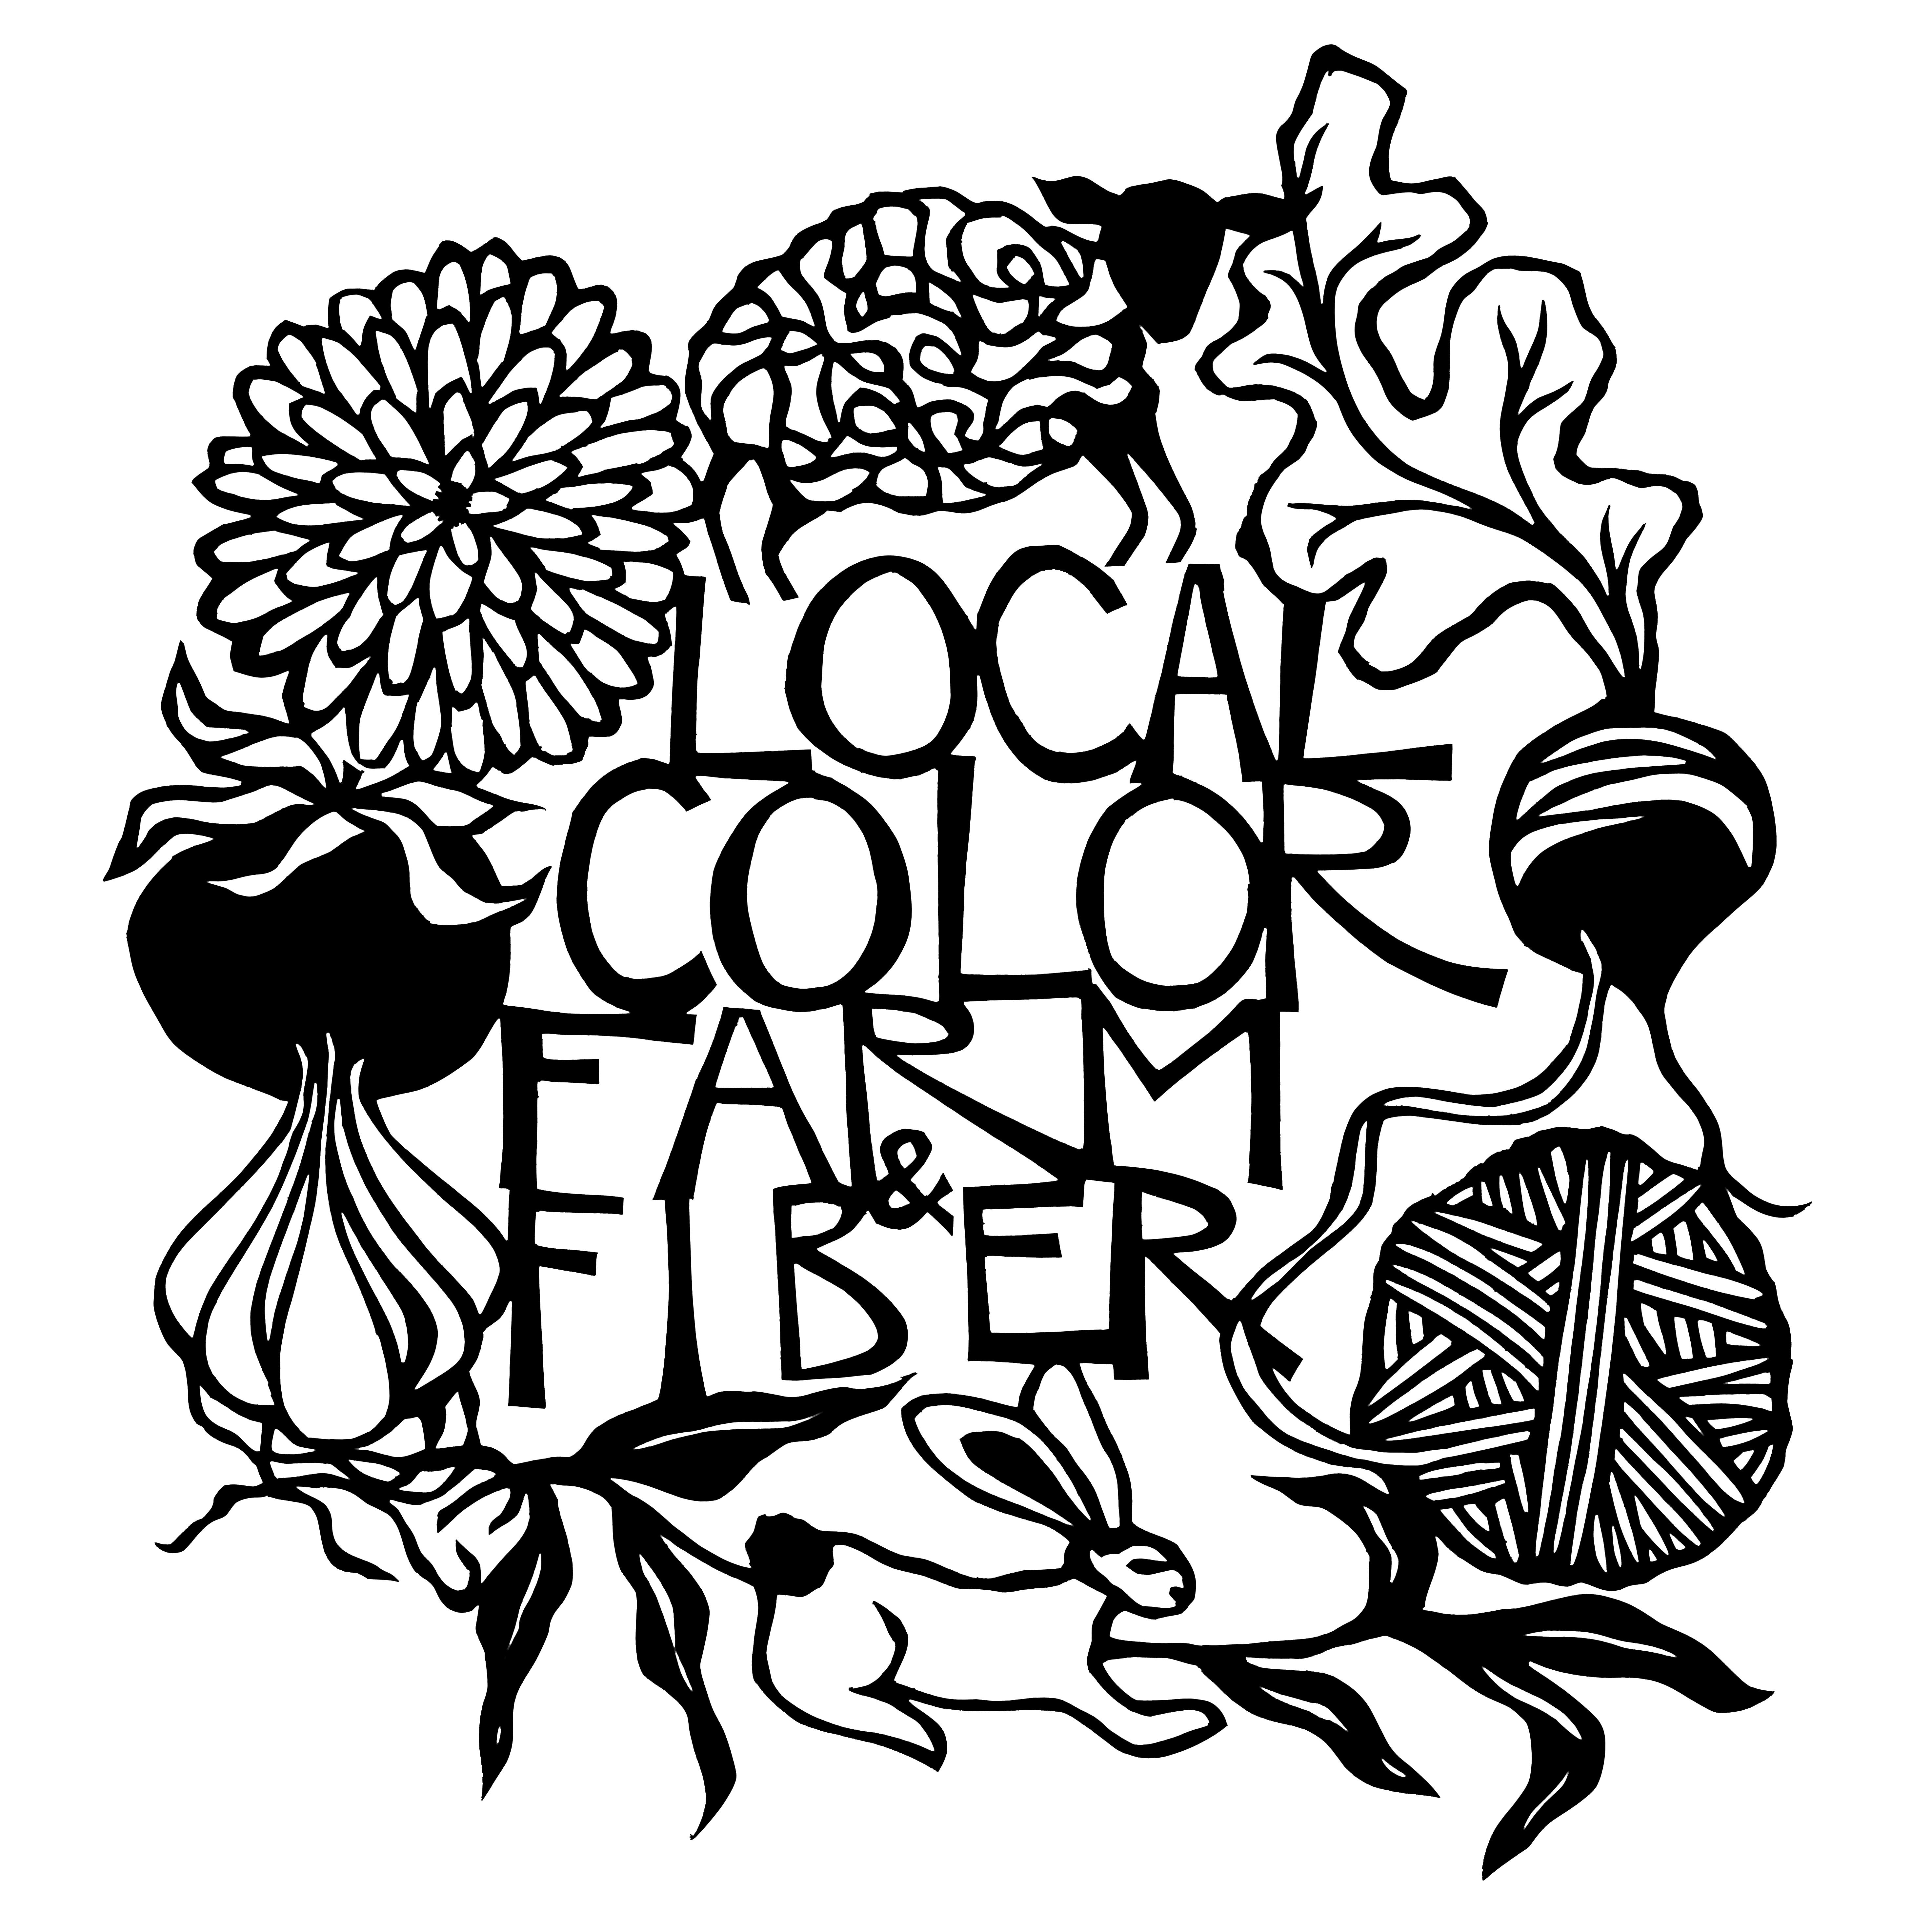 Local Color Farm and Fiber